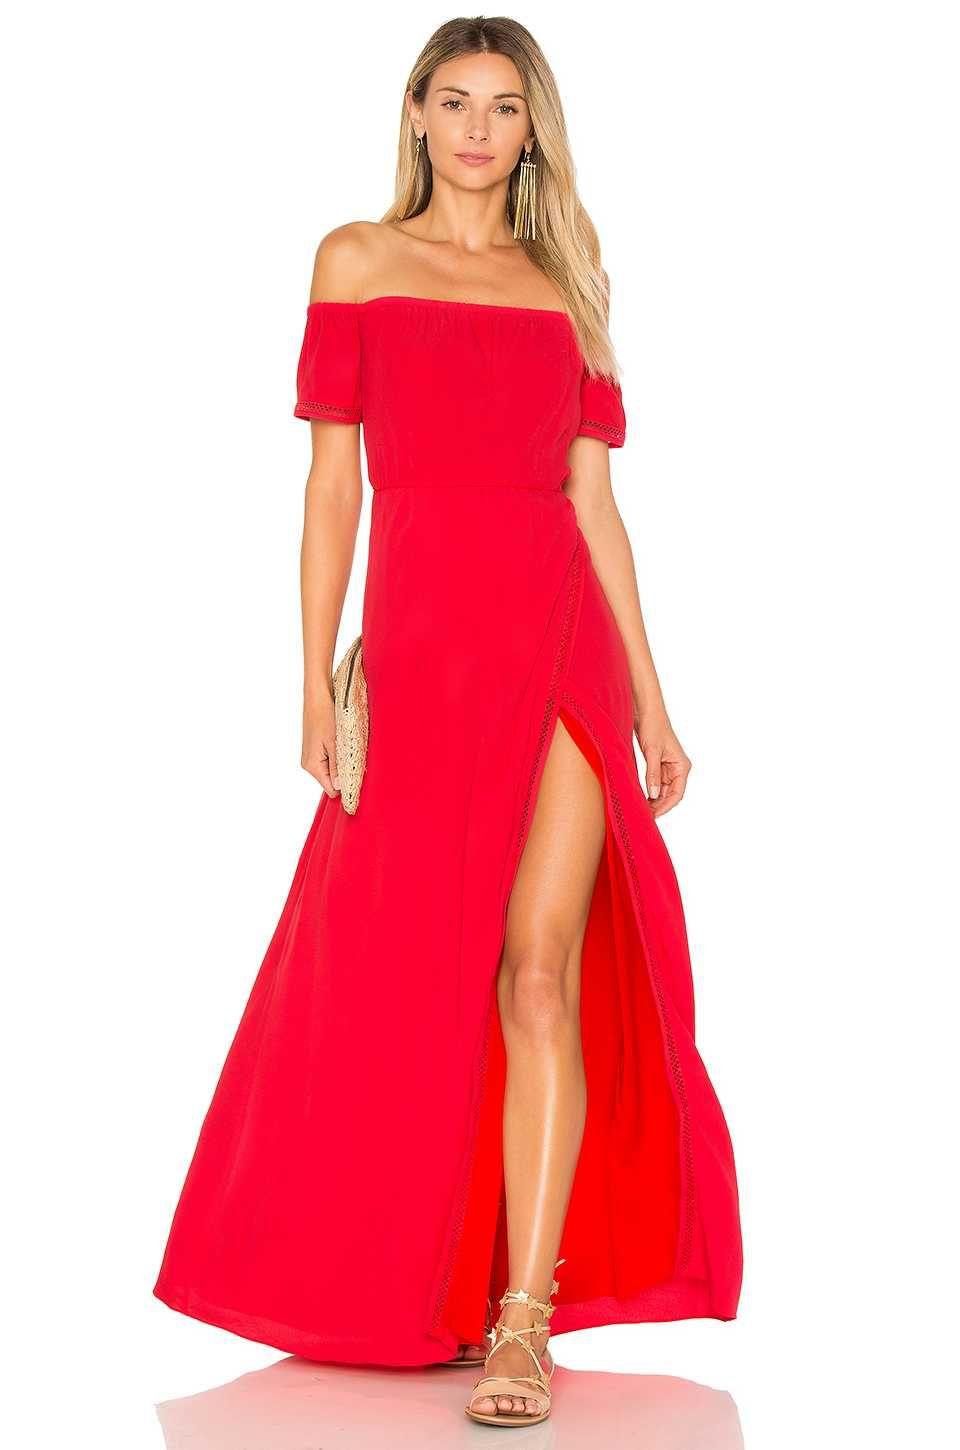 Rot Off Shoulder Abendkleider Lang Damenmode Alle Augen Auf Dich In Einer Schulterfreien Silhouette Verfugt Das Kl Abendkleid Kleider Kurzes Paillettenkleid